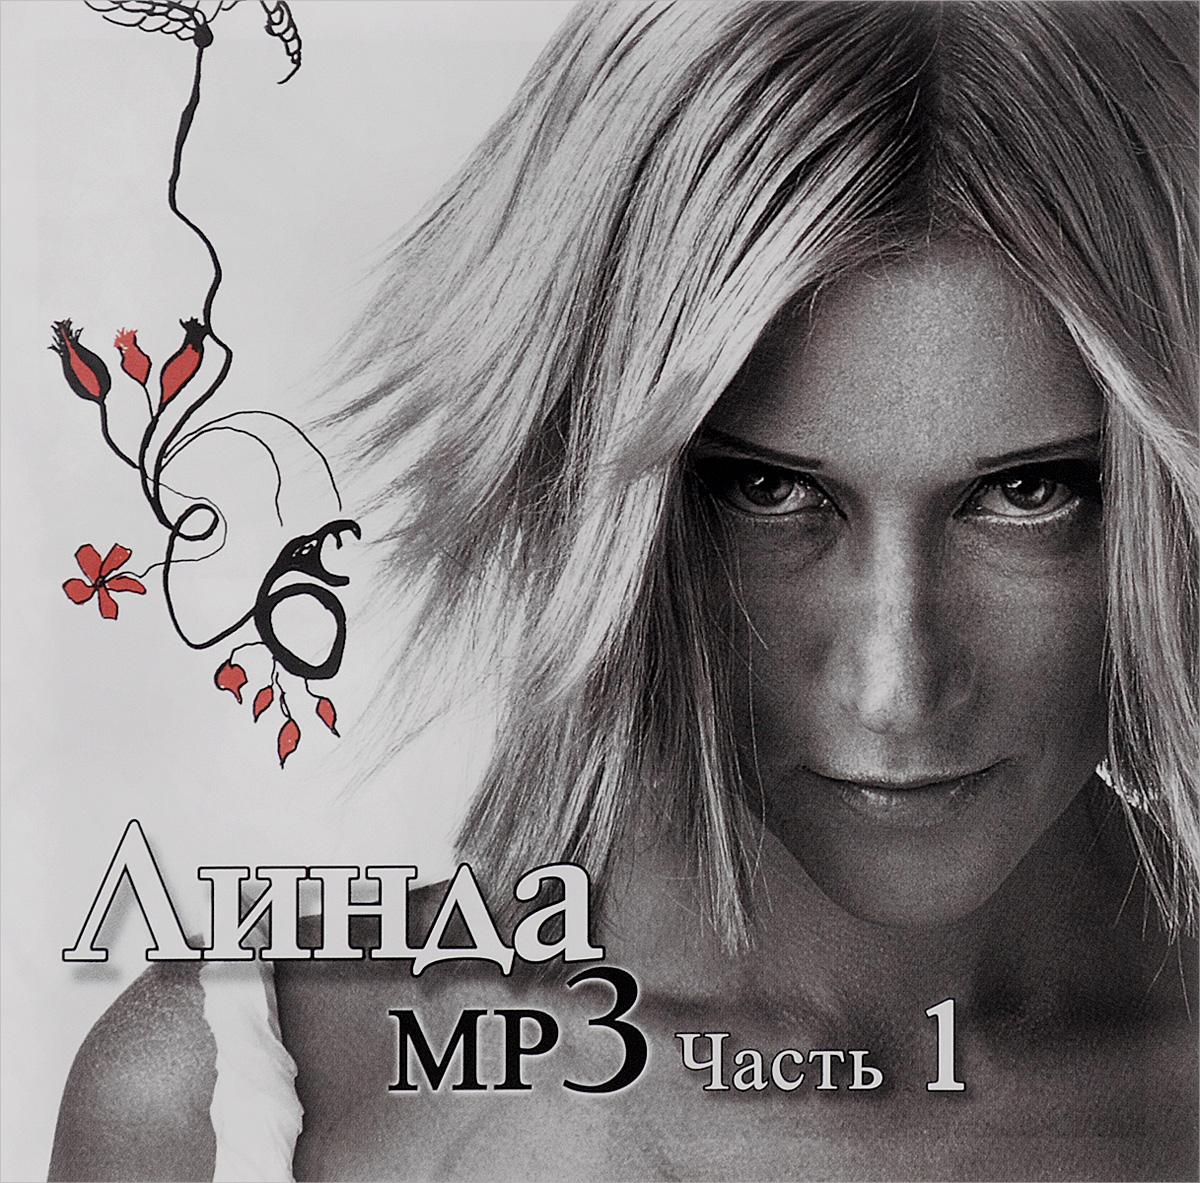 """На диске представлены следующие альбомы: 1. """"Песни тибетских лам"""" (1994) 2. """"Танцы тибетских лам"""" (1995) 3. """"Ворона"""" (1996) 4. """"Плацента"""" (1999) 5. """"Эмбрион. Right CD"""" (2000) 6. """"Эмбрион. Wrong CD"""" (2000)"""